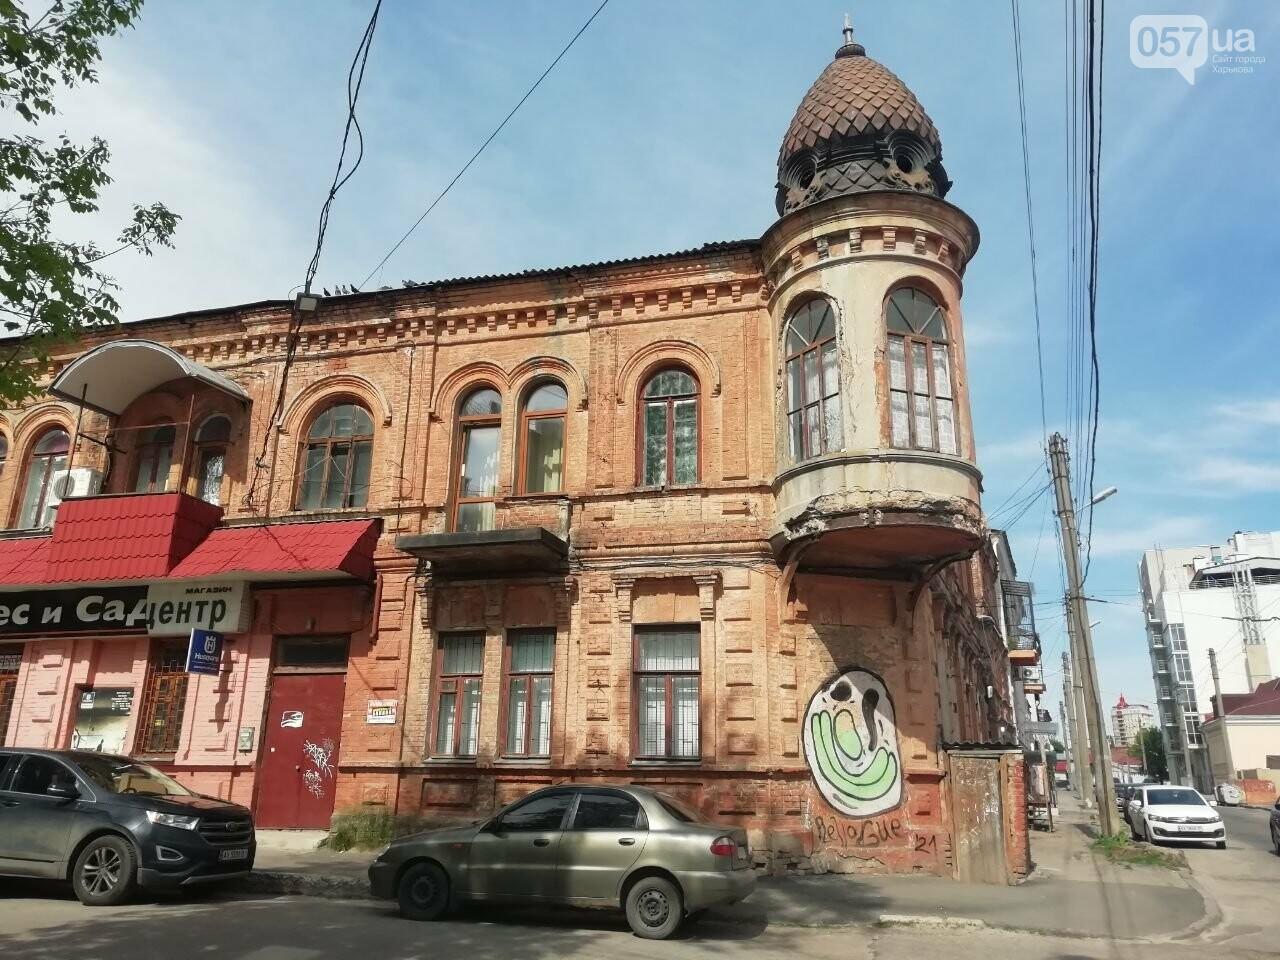 Дом на углу Троицкого переулка и улицы Кузнечной